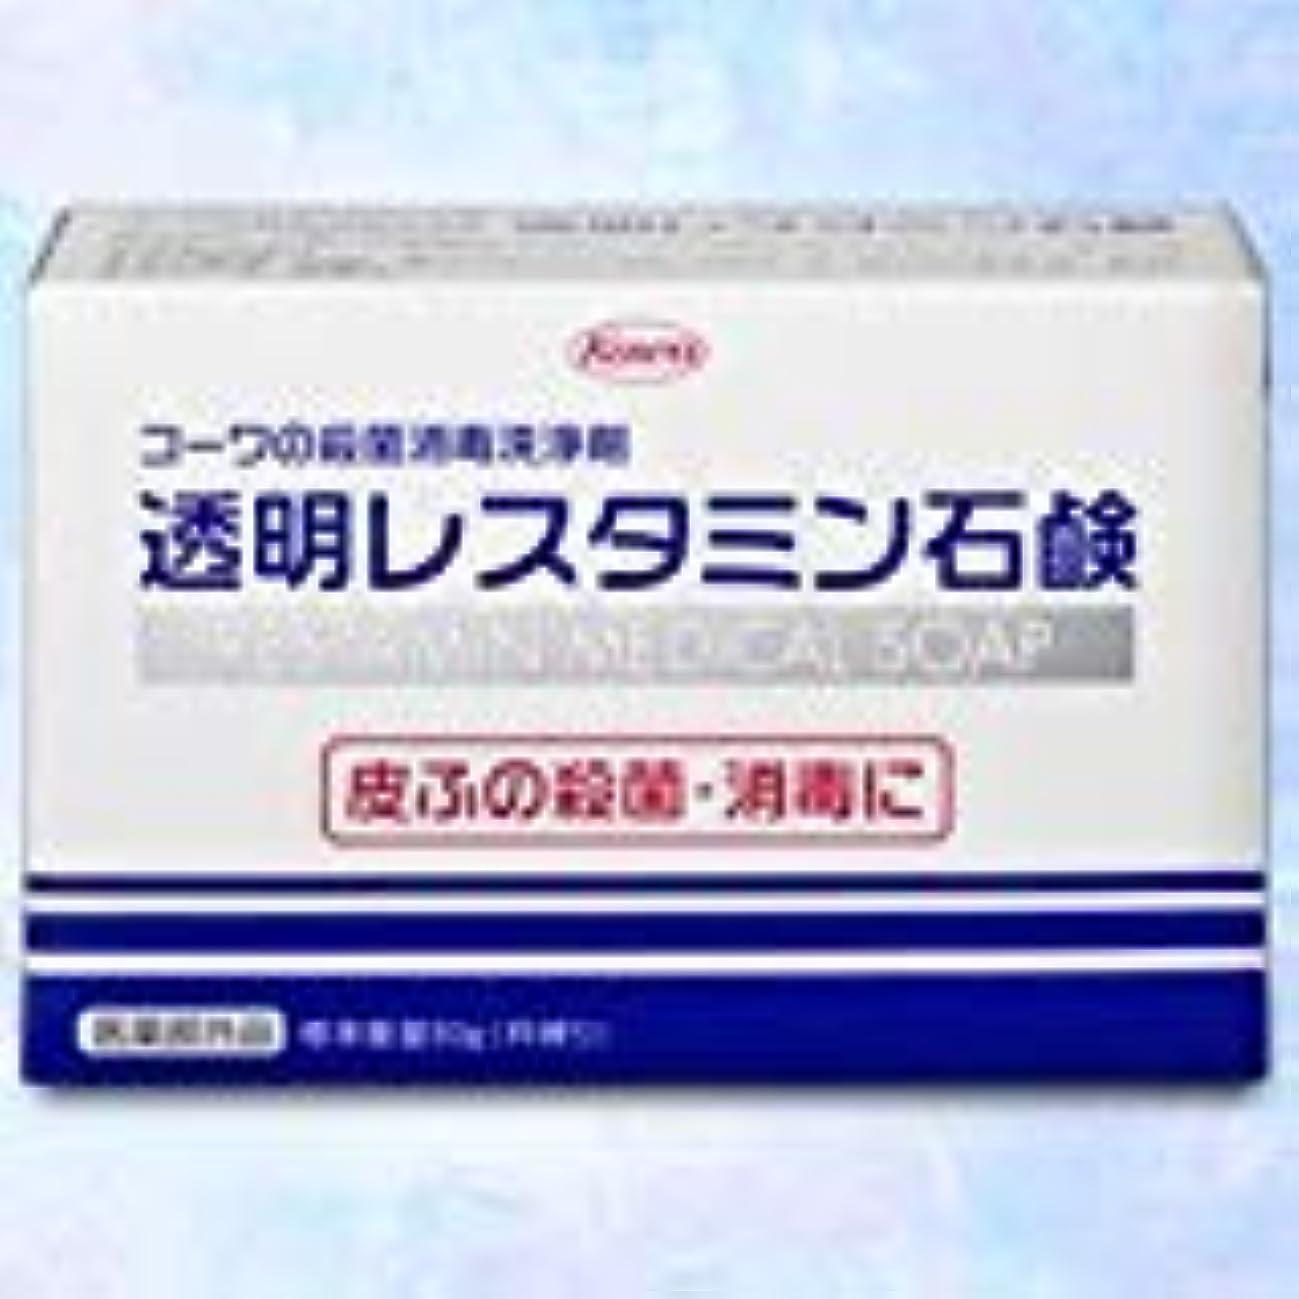 厳未満誘惑する【興和】コーワの殺菌消毒洗浄剤「透明レスタミン石鹸」80g(医薬部外品) ×5個セット